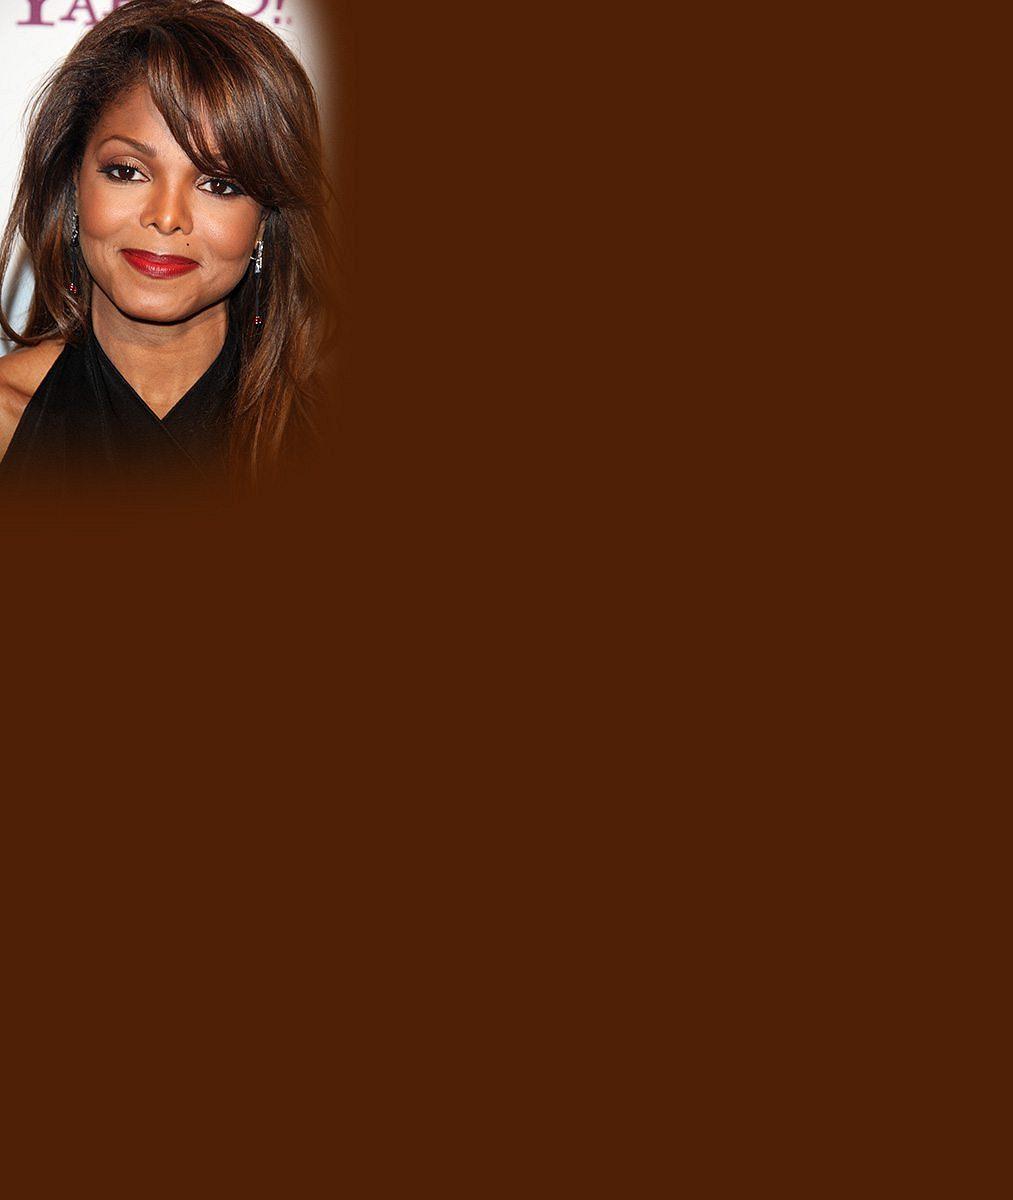 Janet Jackson po dlouhé době vylezla z ulity. Takhle dnes vypadá